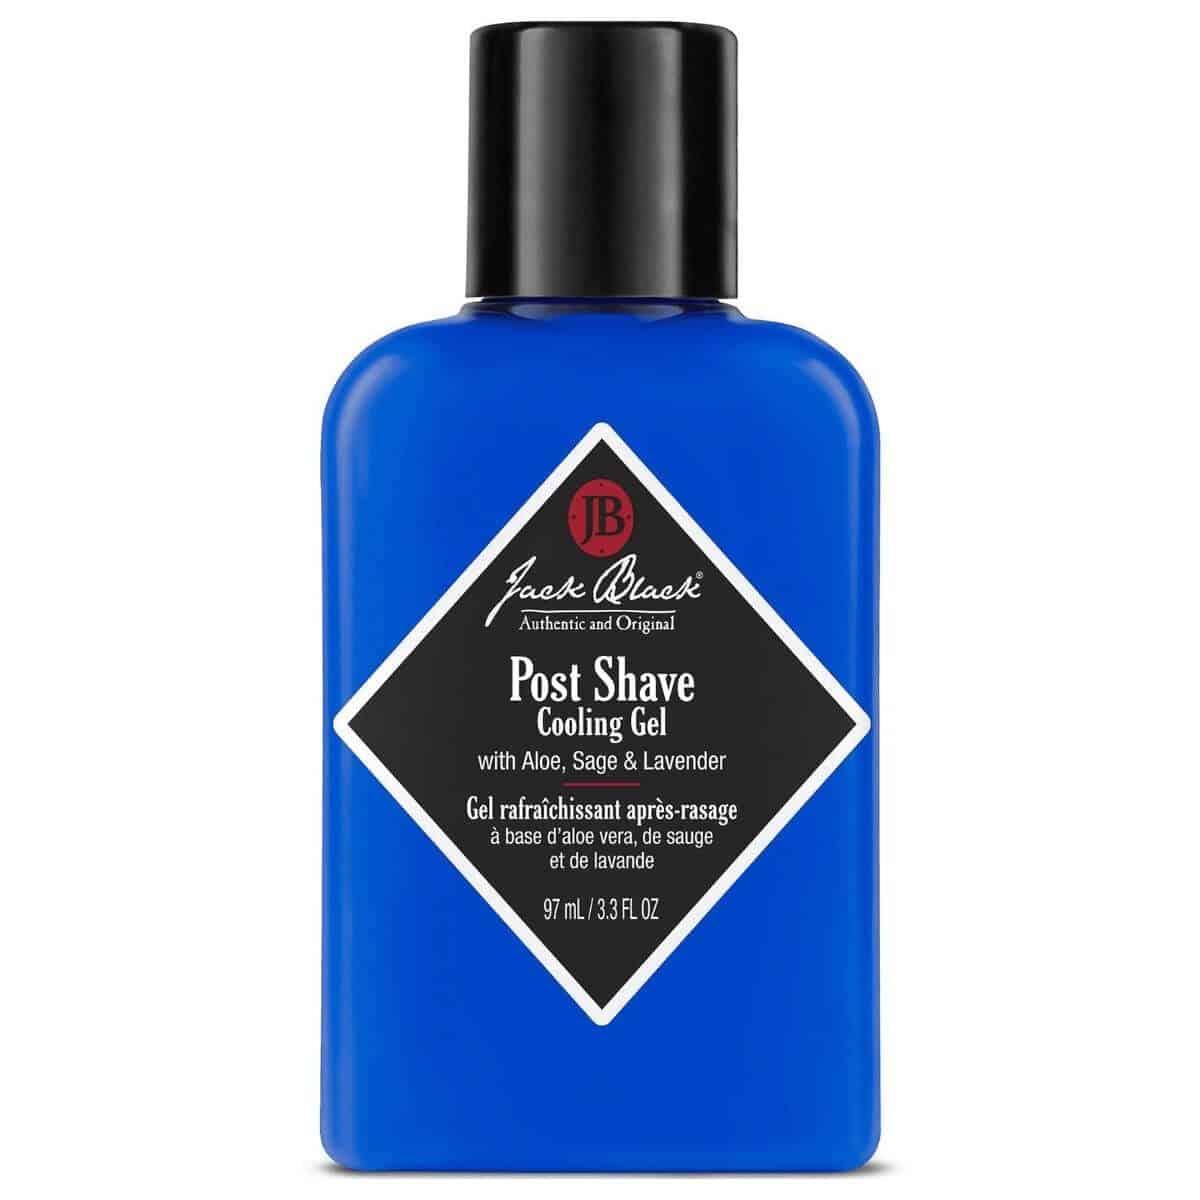 Jack Black aftershave gel bottle.